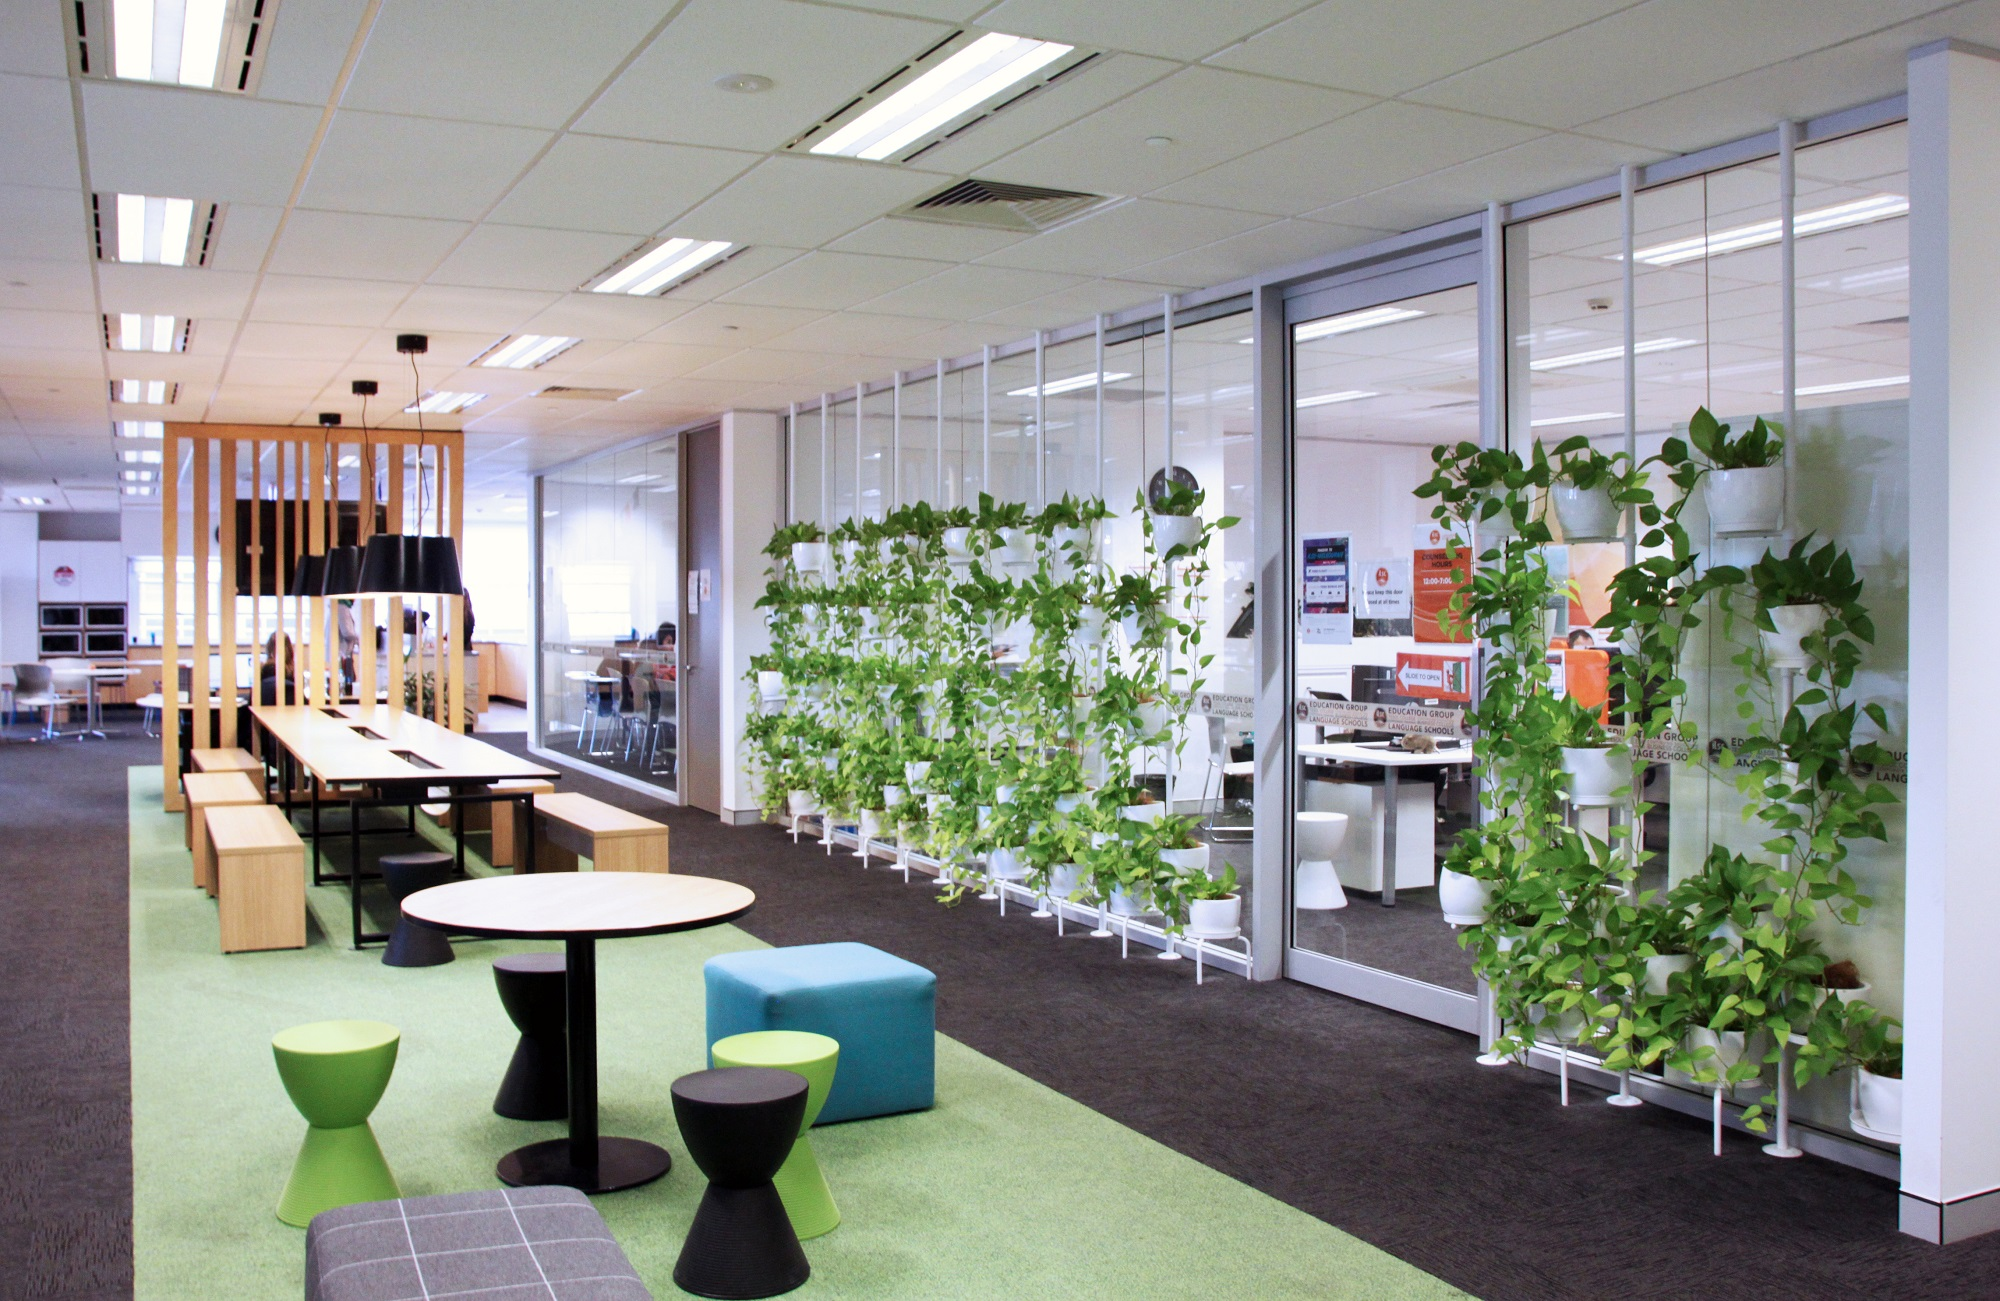 ILSC シドニー校:イメージ